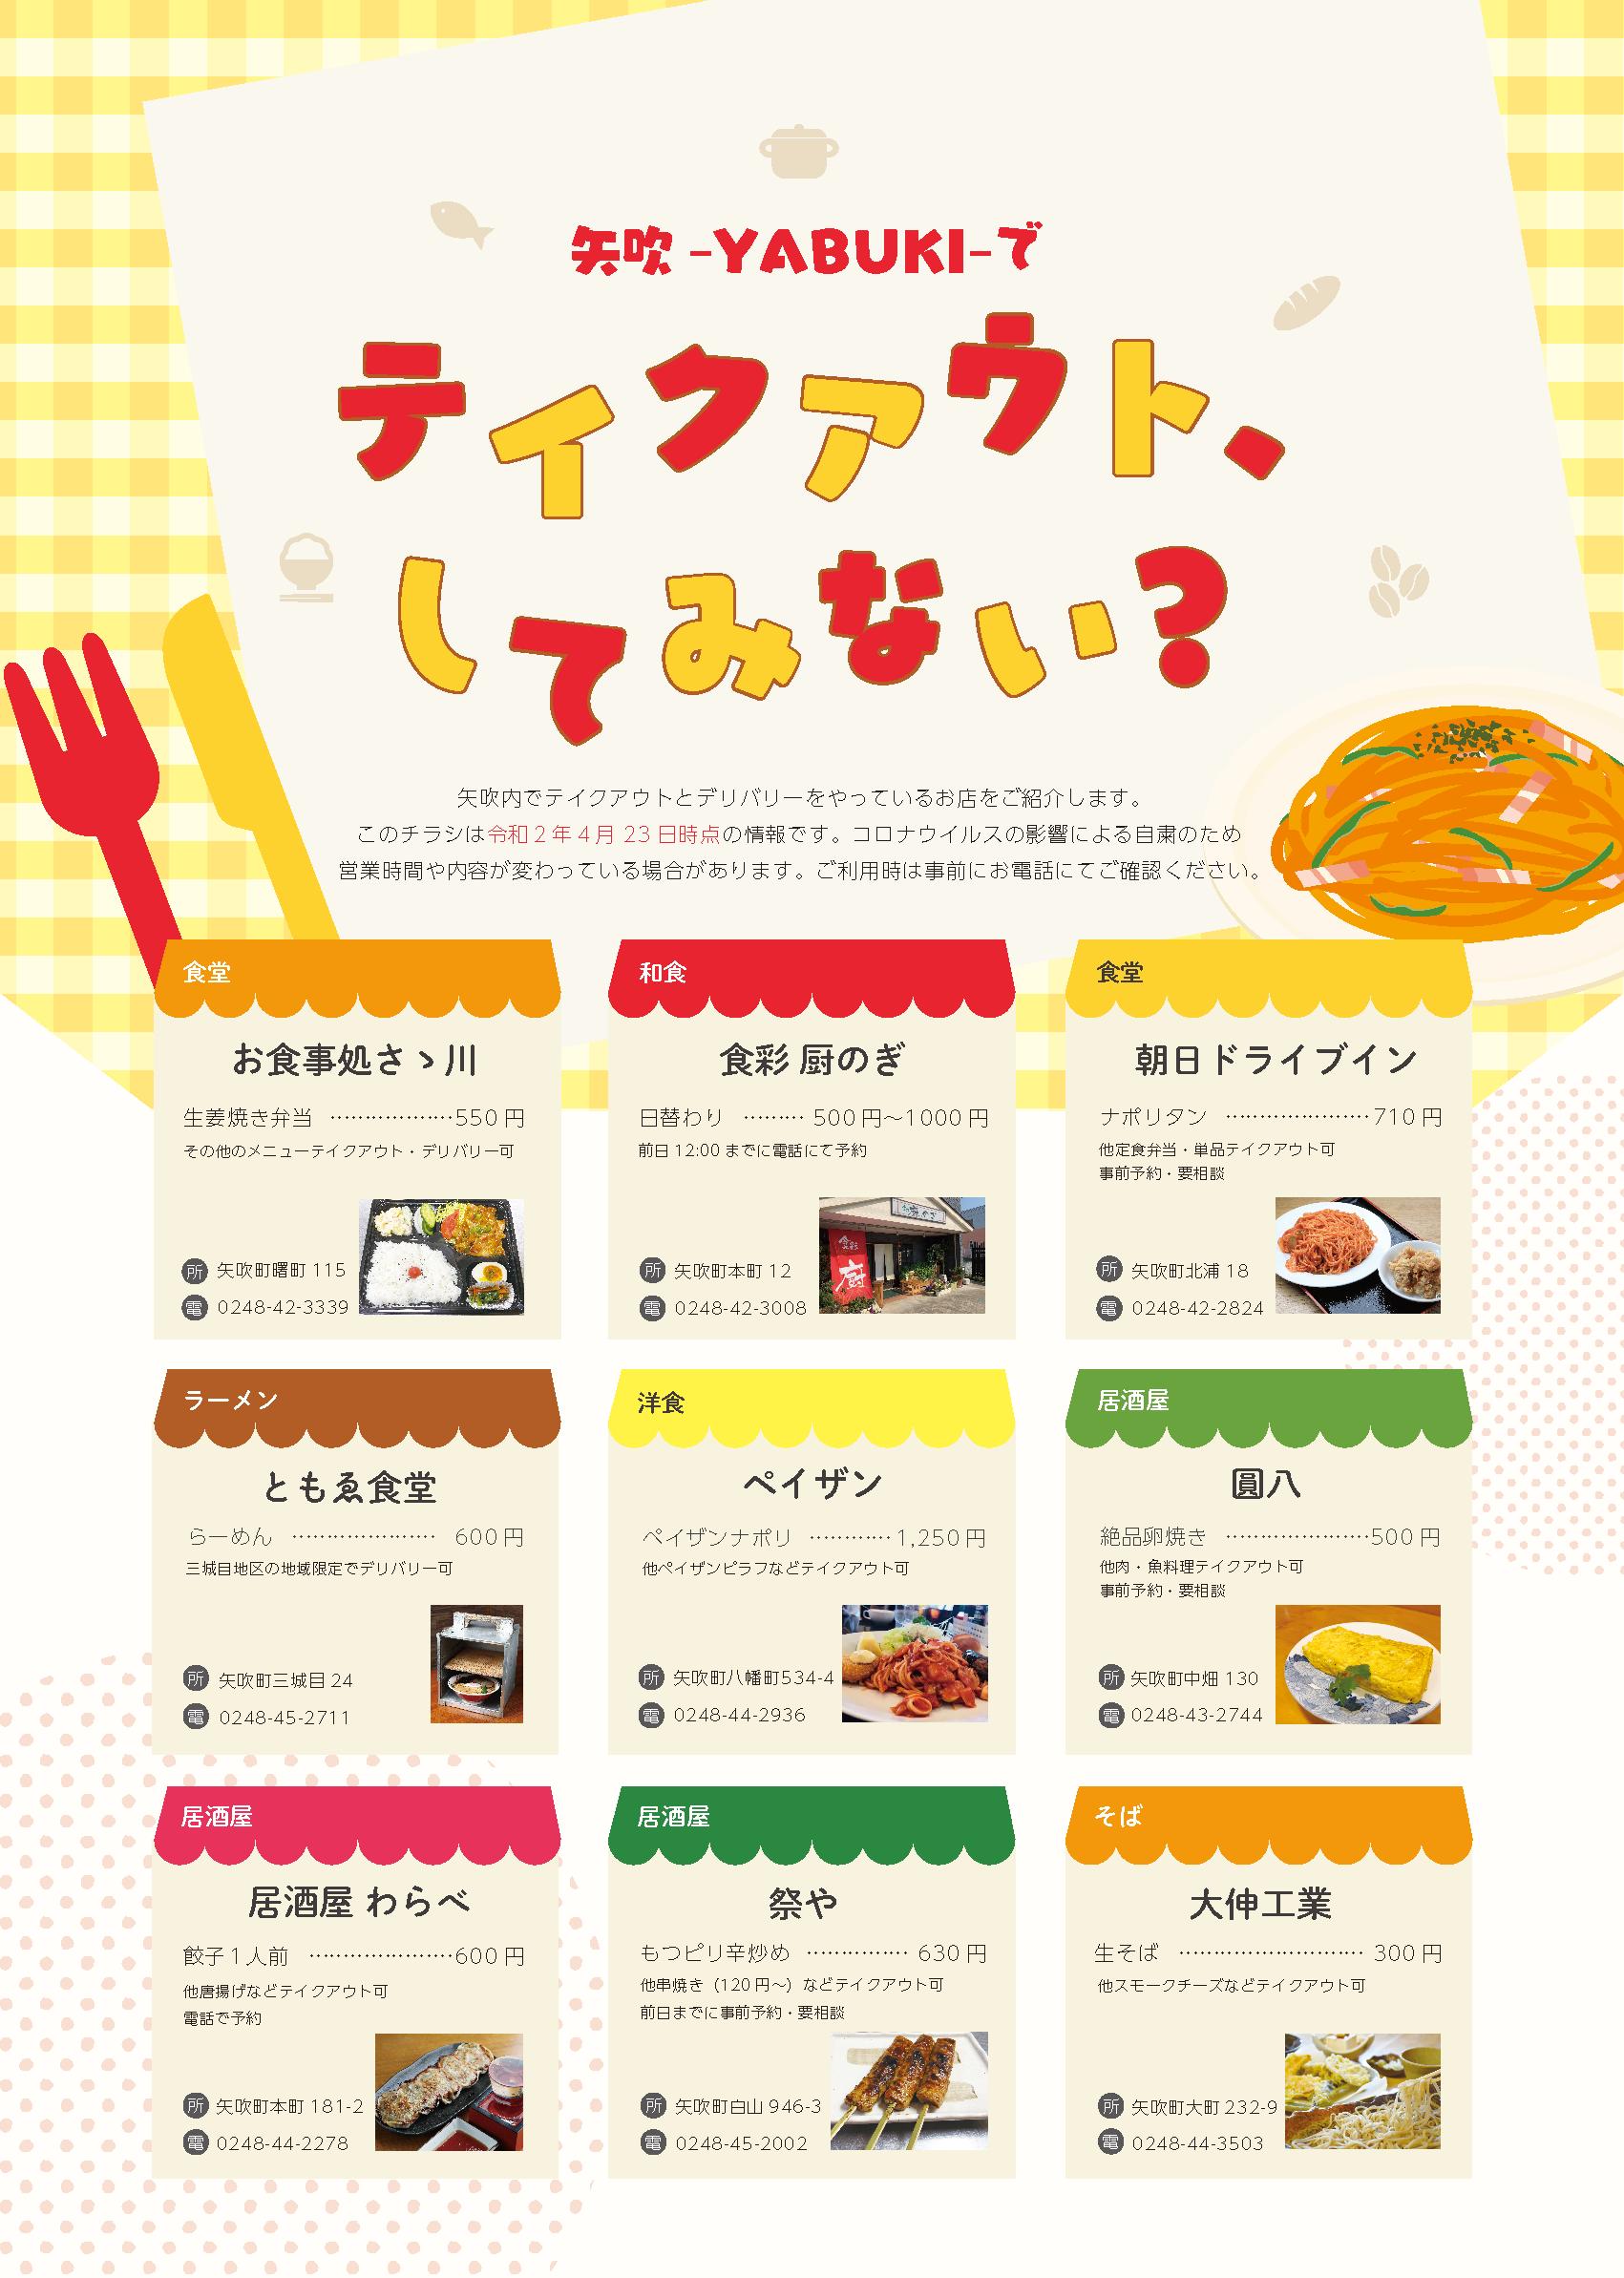 福島県矢吹町のテイクアウト情報デザイン